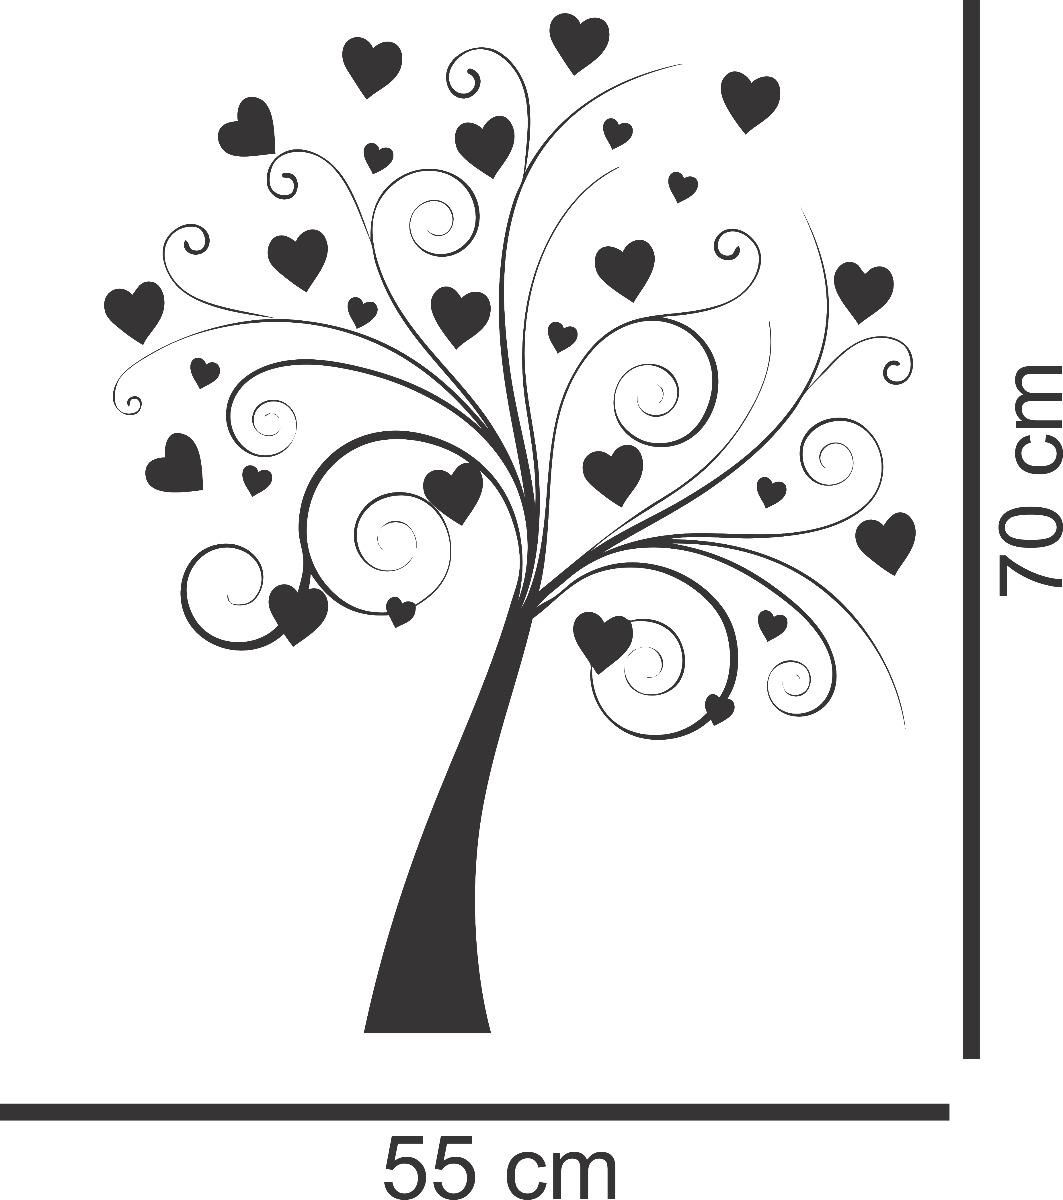 Adesivo De Coração Para Parede ~ Adesivo Decorativo Parede Quarto Box FloralÁrvore Coraç u00e3o